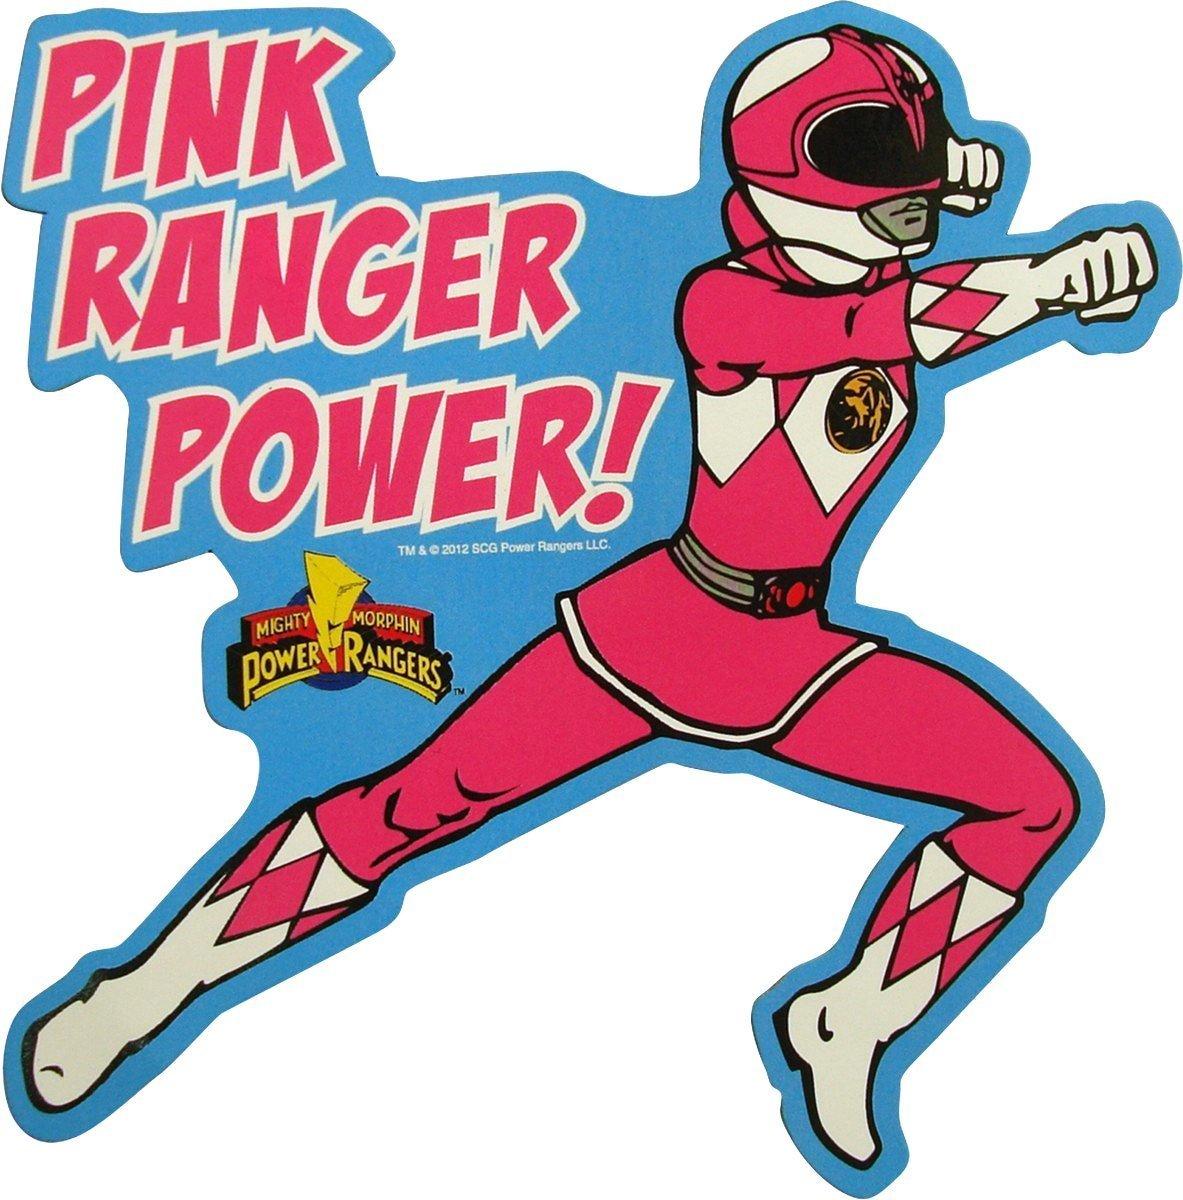 Pink power ranger clipart 3 » Clipart Portal.